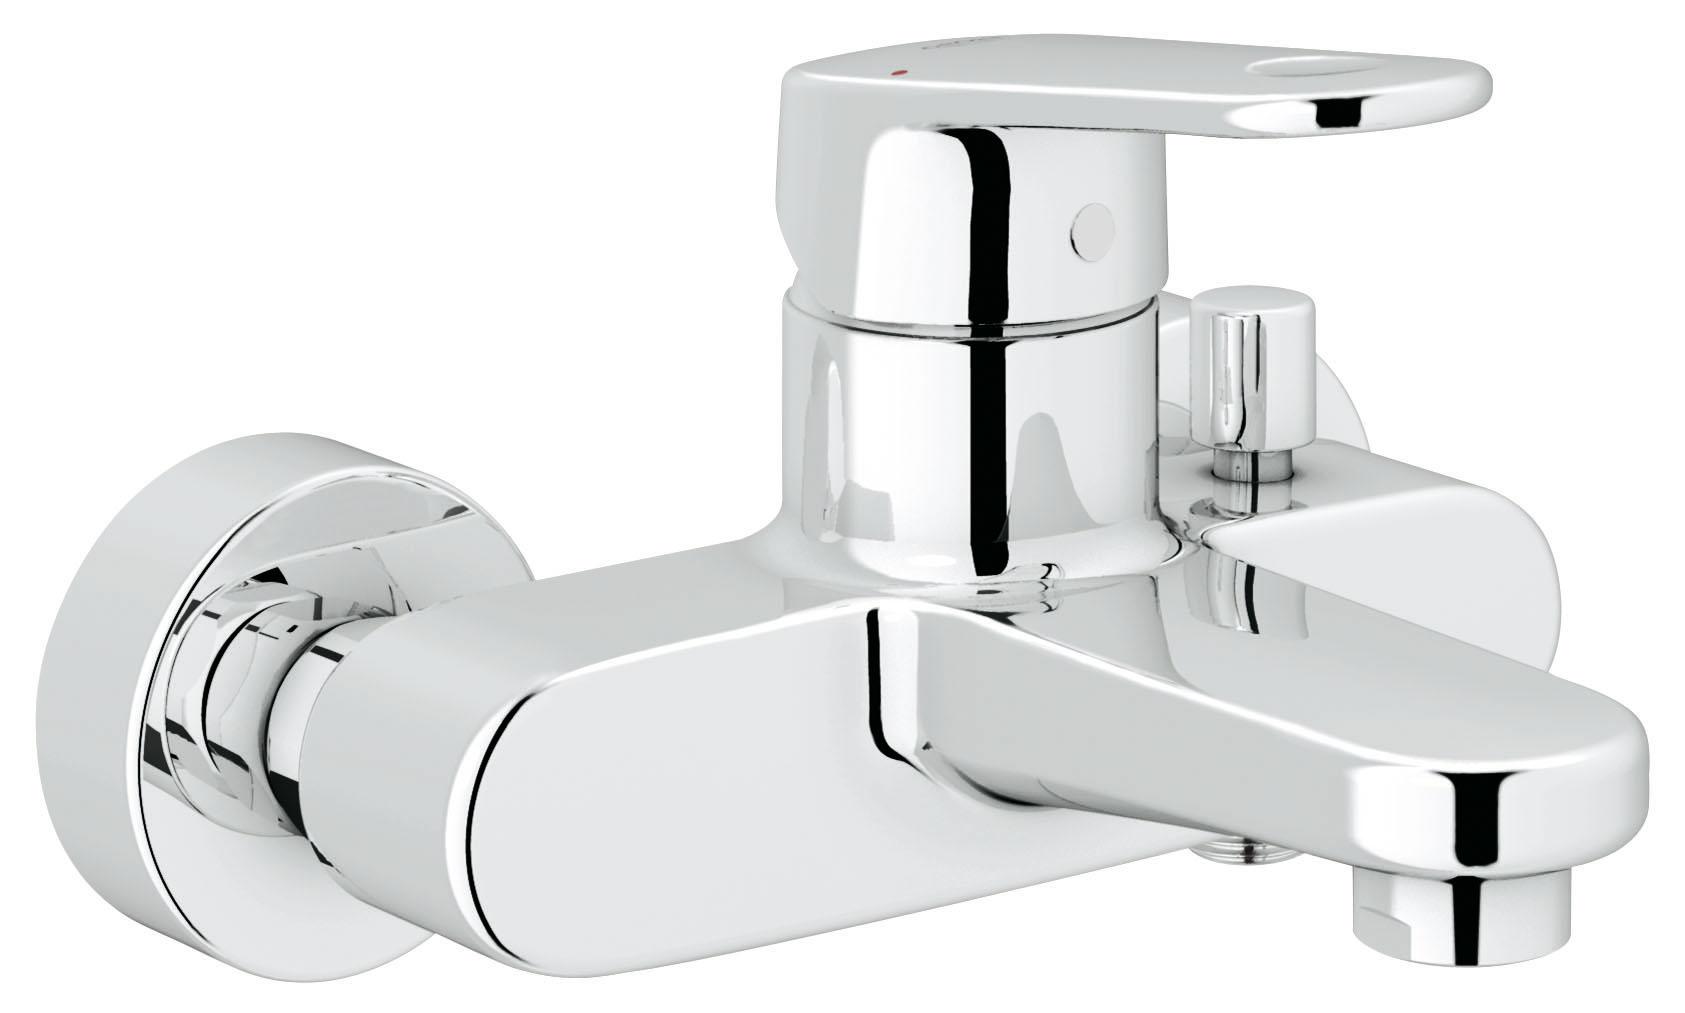 Смеситель для ванны GROHE Europlus (33553002)BOSSB00M09 Настенный монтажМеталлический рычагGROHE SilkMove керамический картридж O 46 ммGROHE StarLight хромированная поверхность Регулировка расхода водыВозможность установки мин. расхода 2,5 л/мин.Автоматический переключатель: ванна/душВстроенный обратный клапан в душевом отводе 1/2?Аэратор с функцией SpeedCleanСкрытые S-образные эксцентрикиОграничитель температурыС защитой от обратного потокаВидео по установке является исключительно информационным. Установка должна проводиться профессионалами!